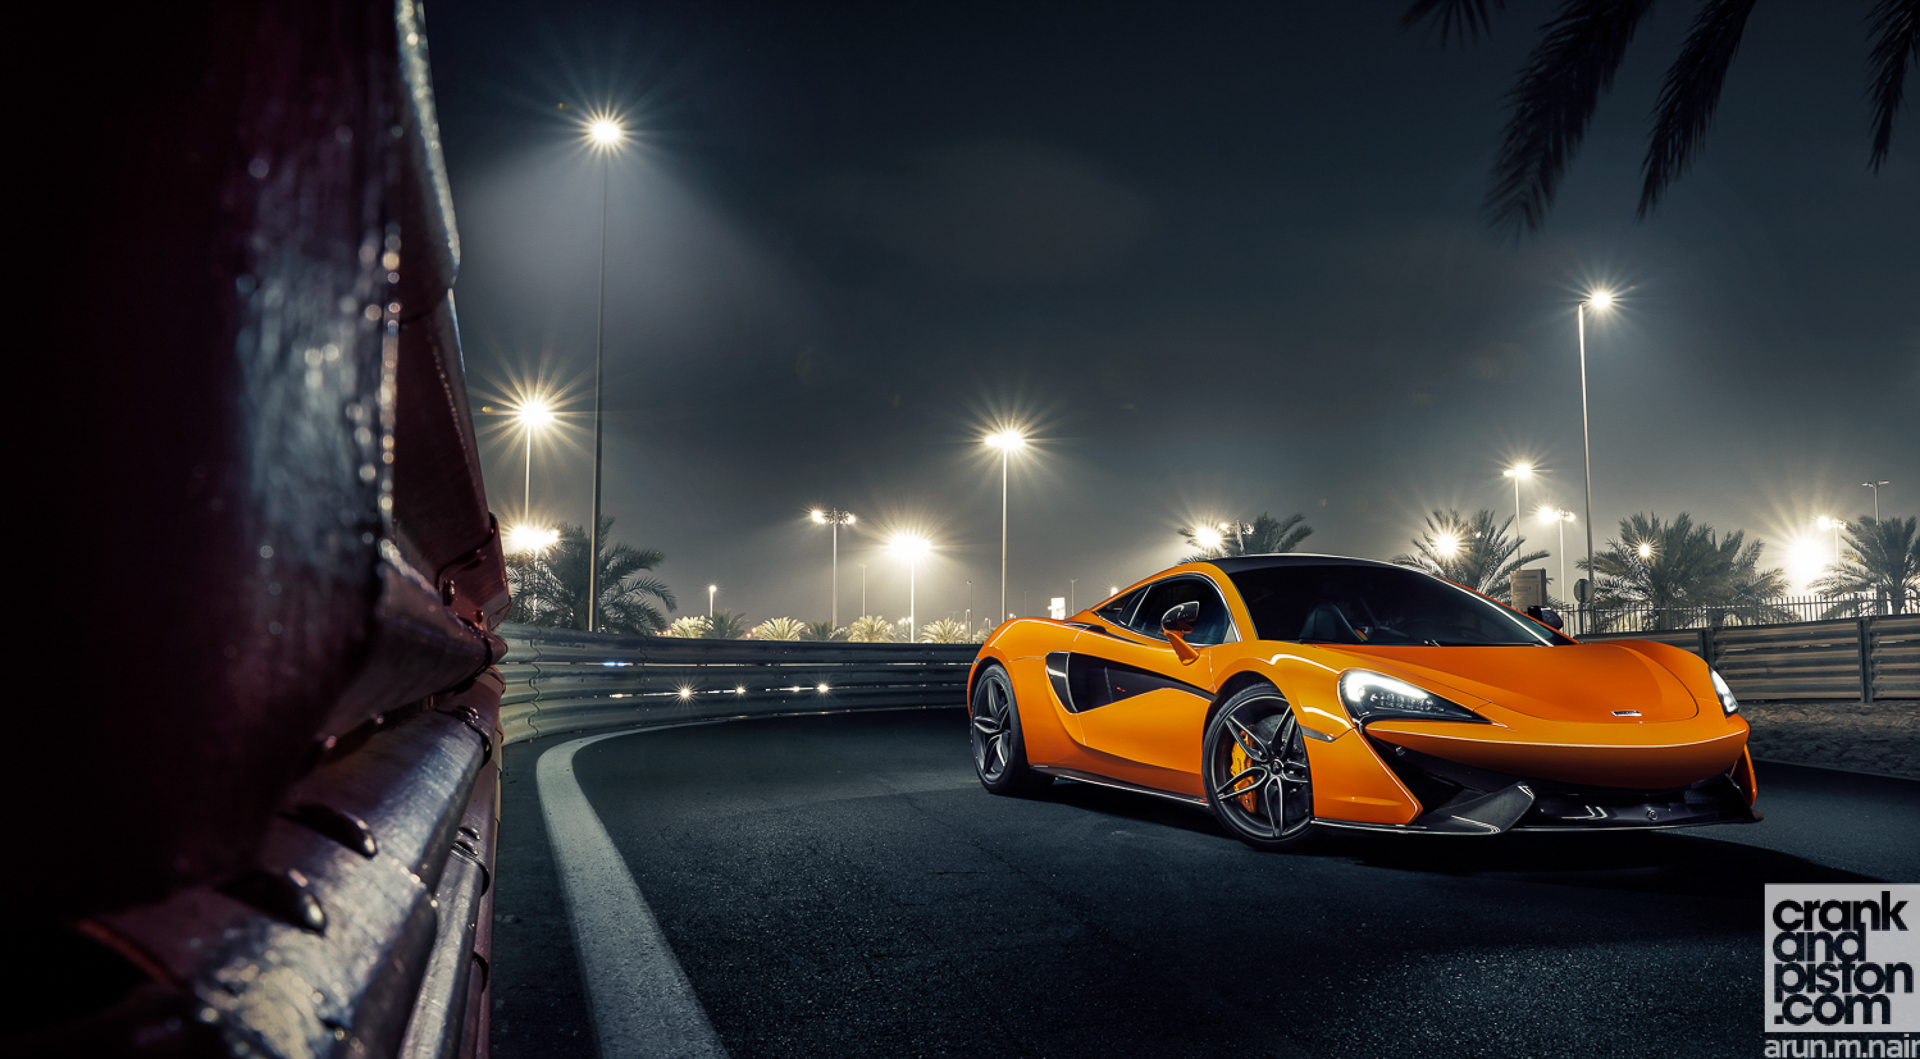 McLaren 570S. Set 2 - crankandpiston.com